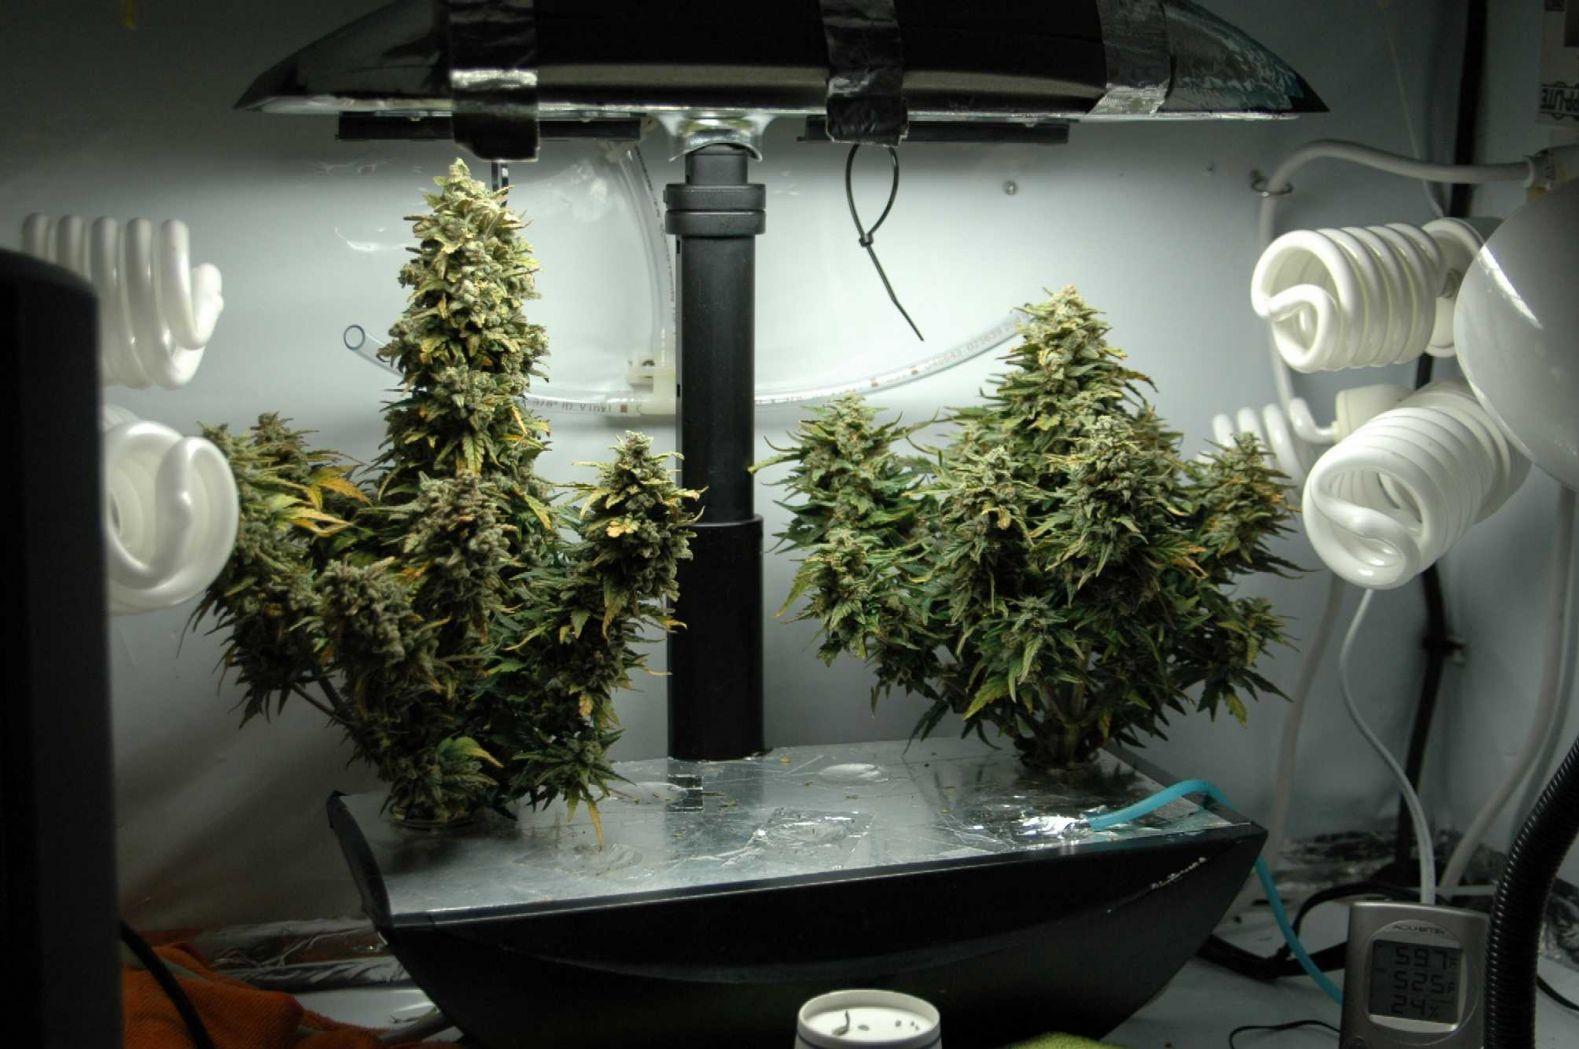 Выращивание конопли гидропоники в домашних условиях как с конопли пыль выбивать